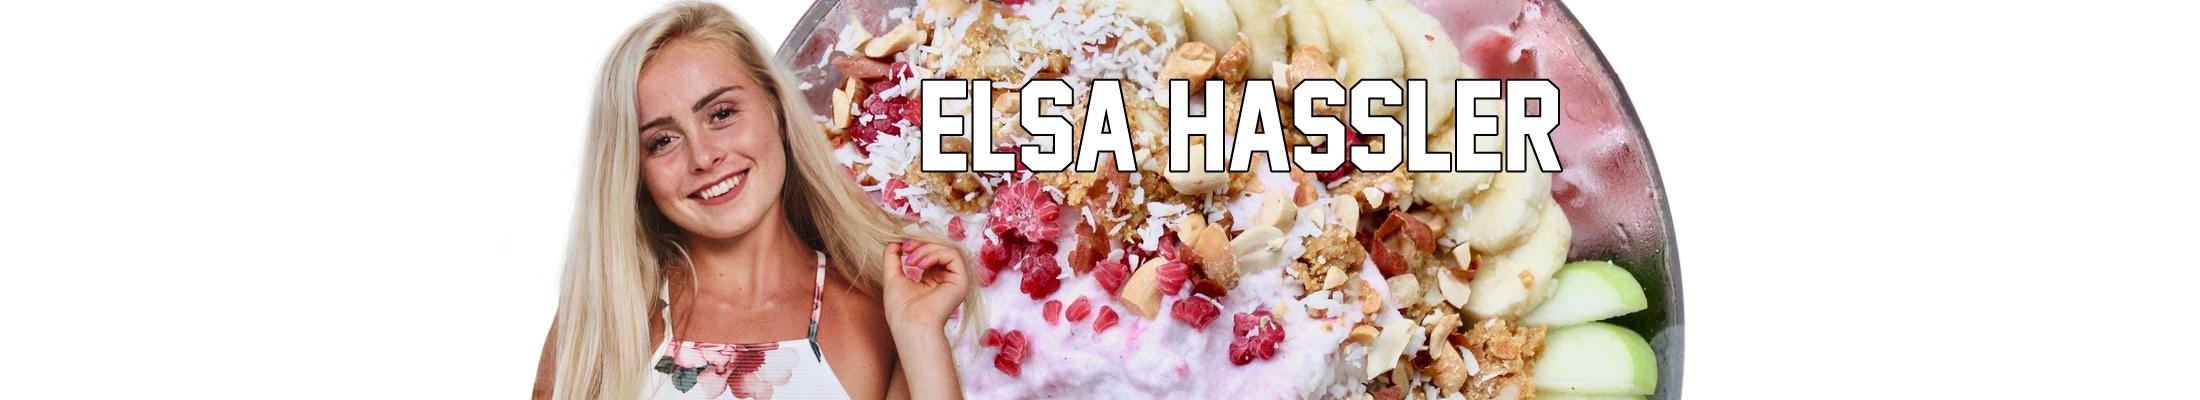 Elsa Hassler